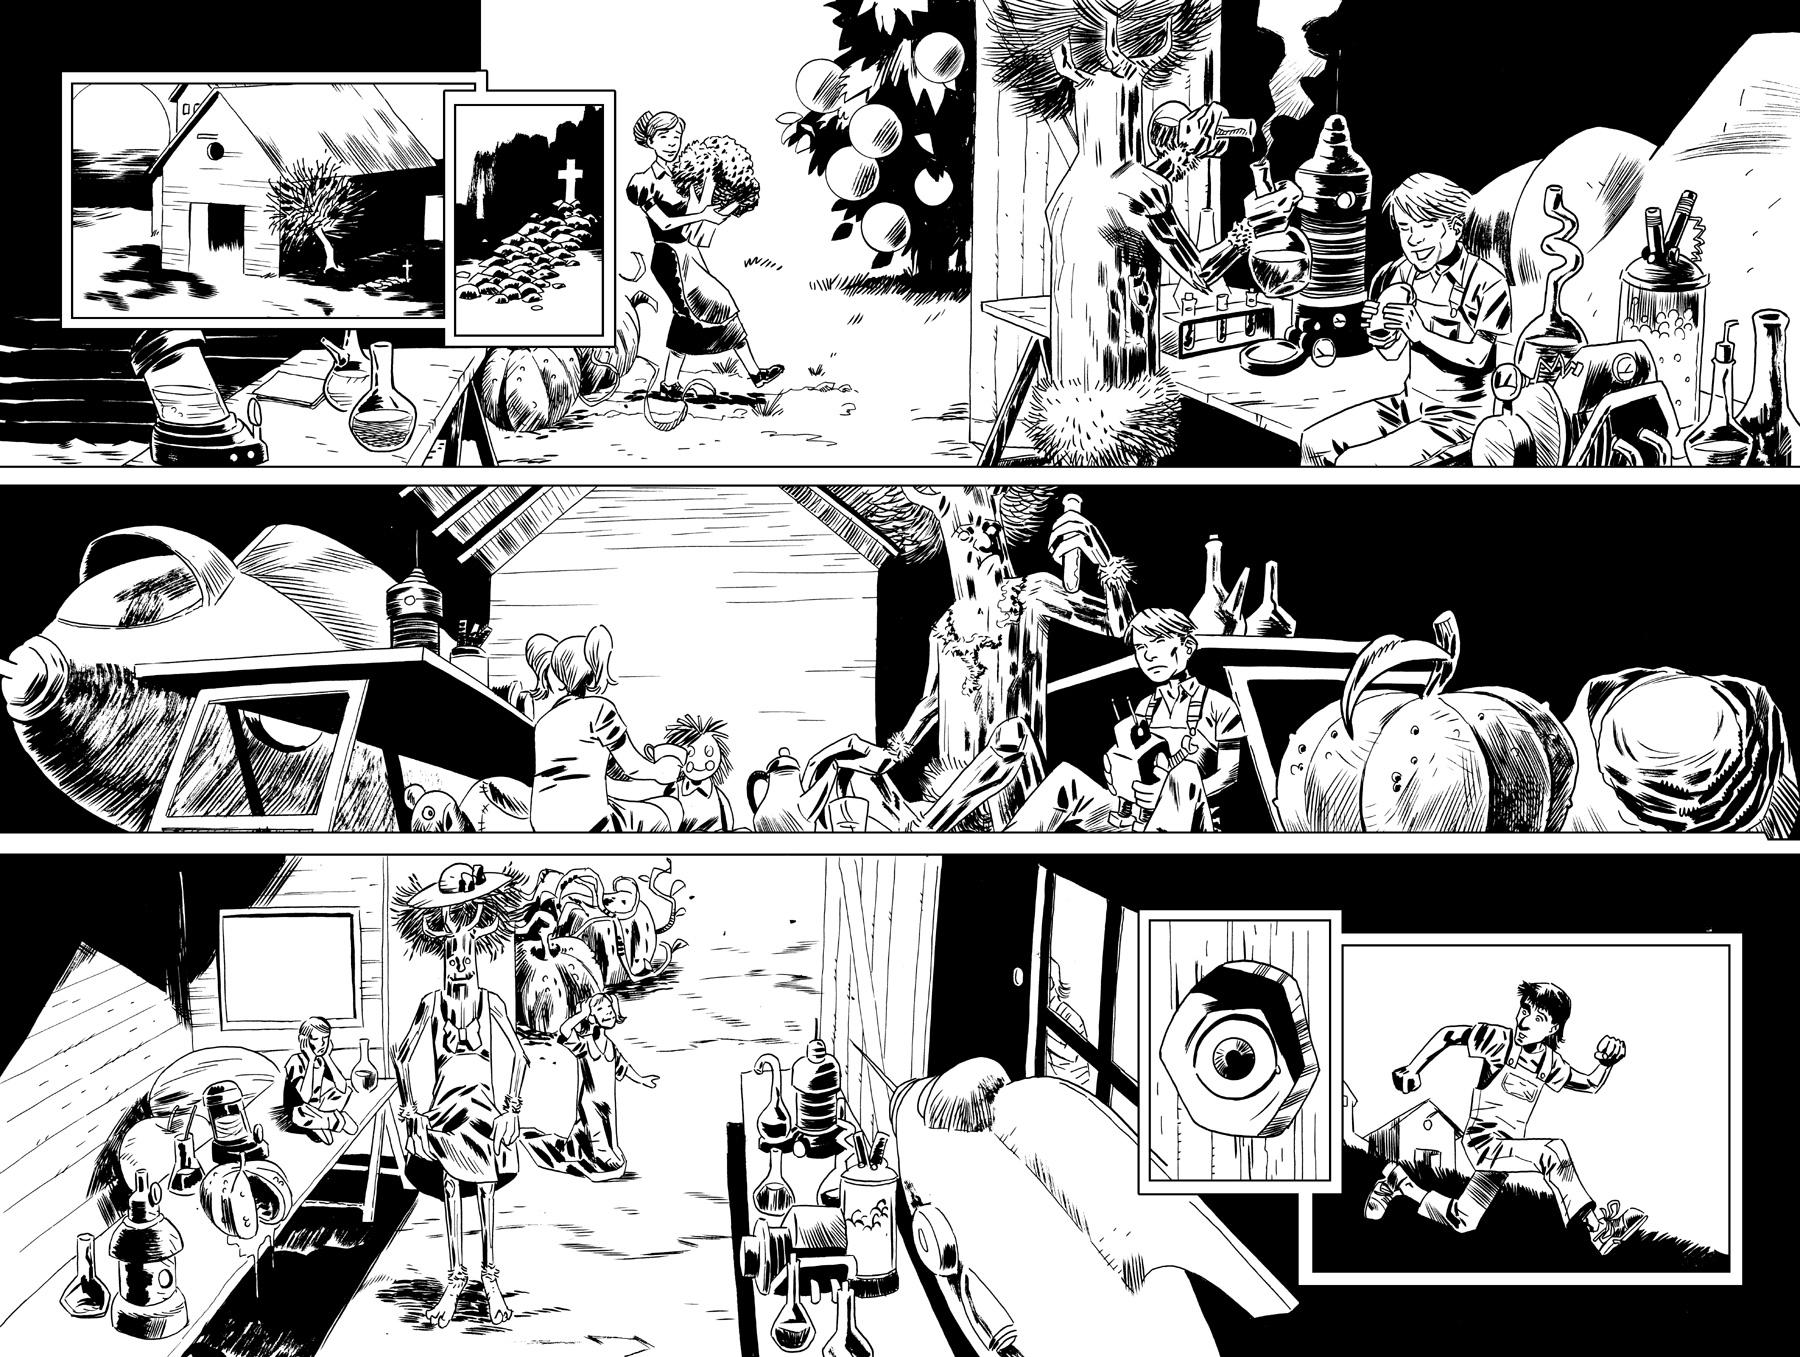 Timber Tom page 4, 5 by juanromera